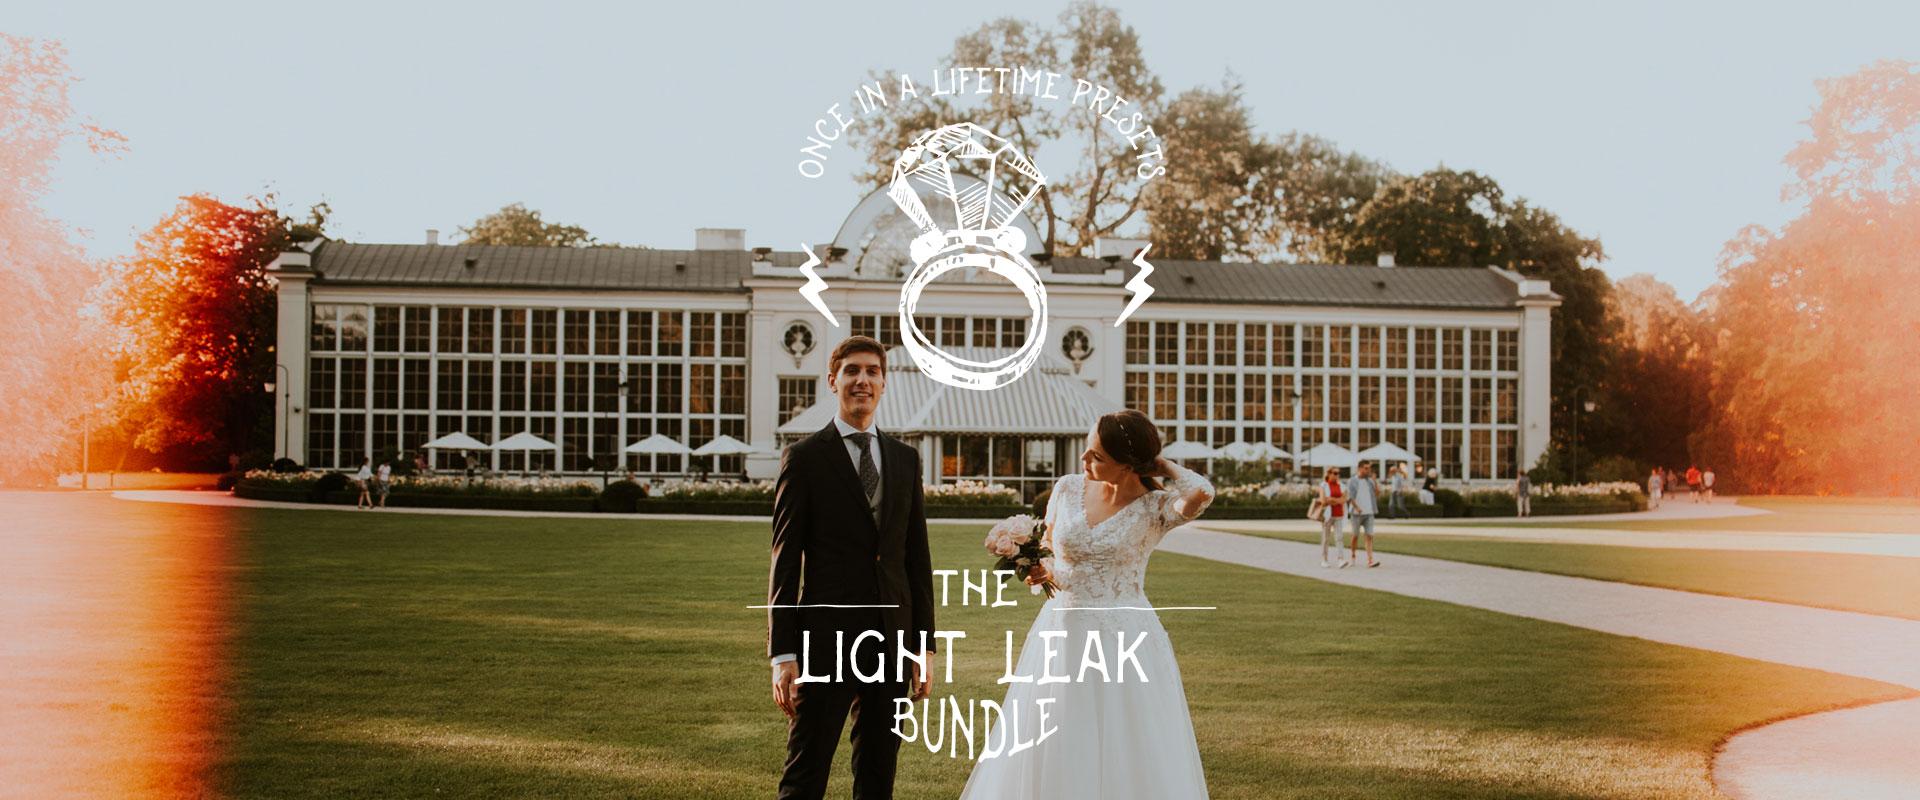 banner light leak lr preset